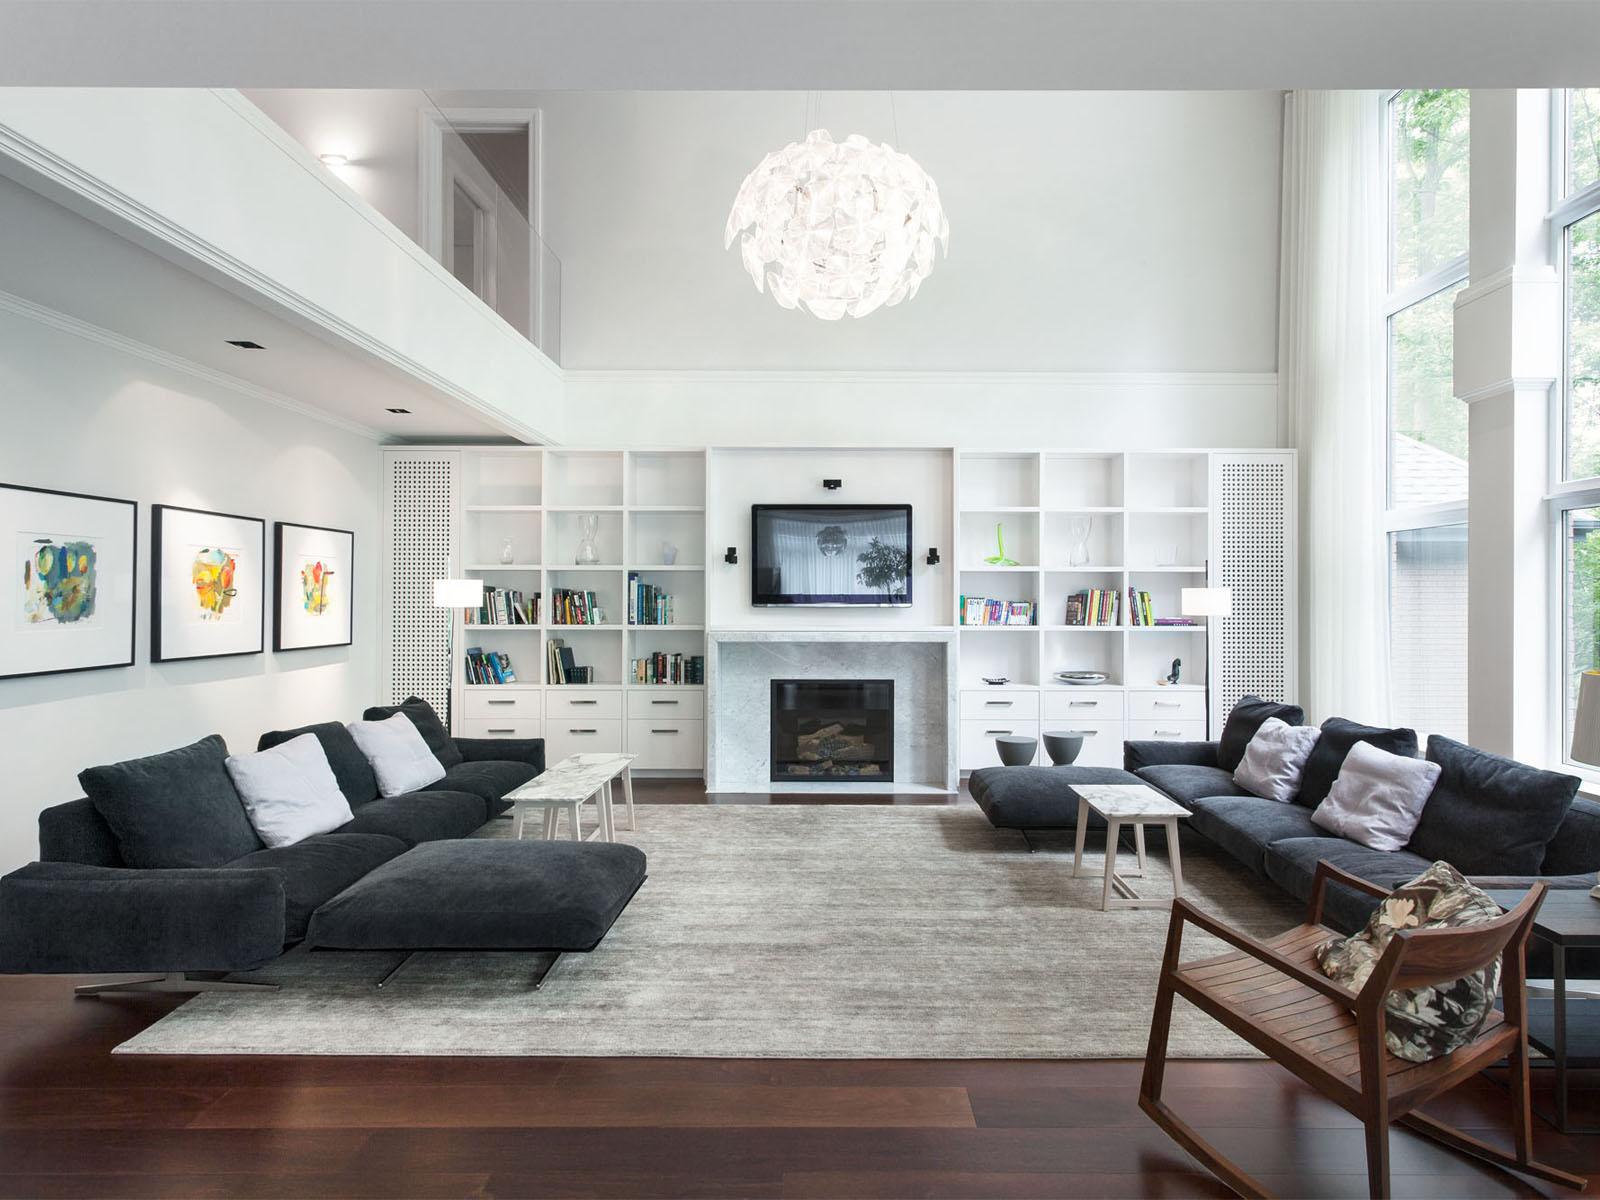 immobiliarie_valdarno_interno_soggiorno_hanzo